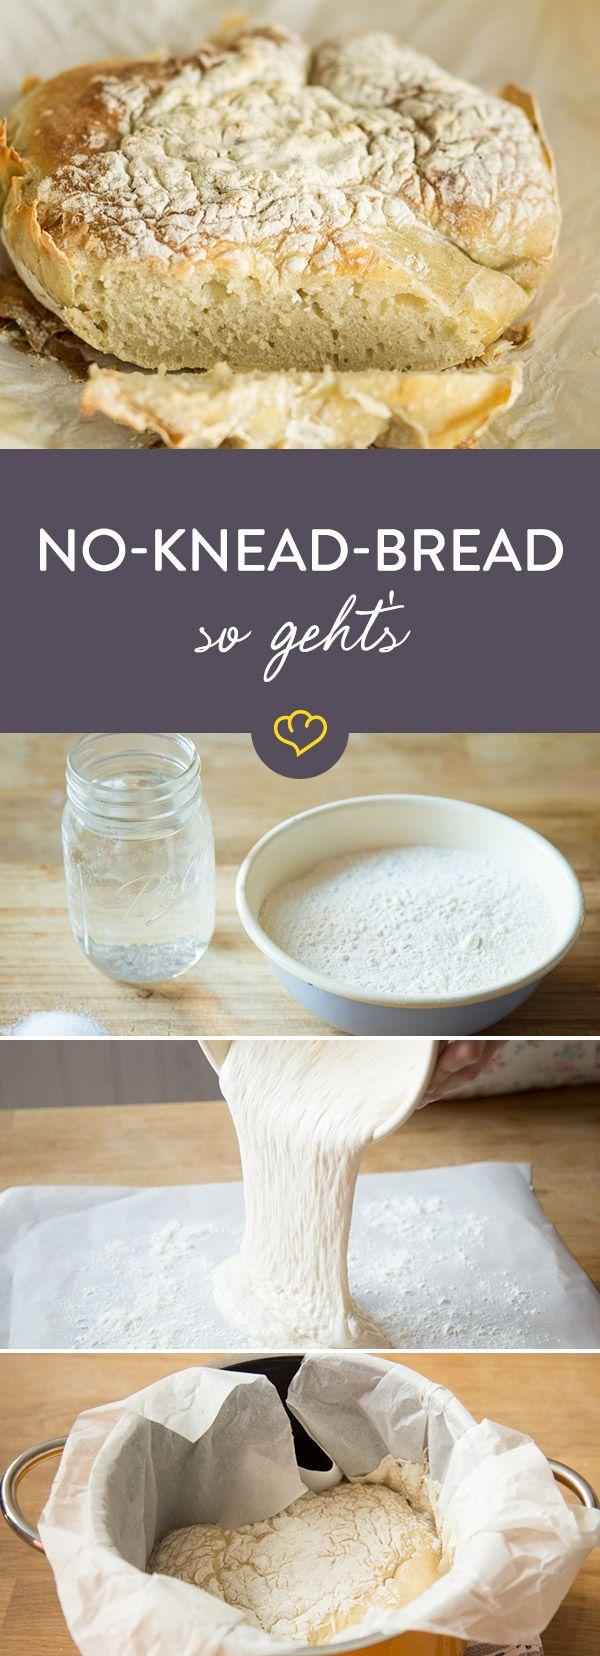 Brot selber backen ist viel Aufwand? Von wegen. Ganz ohne Kneten backst du das leckere No-Knead-Bread zu einem knusprigen Brot.